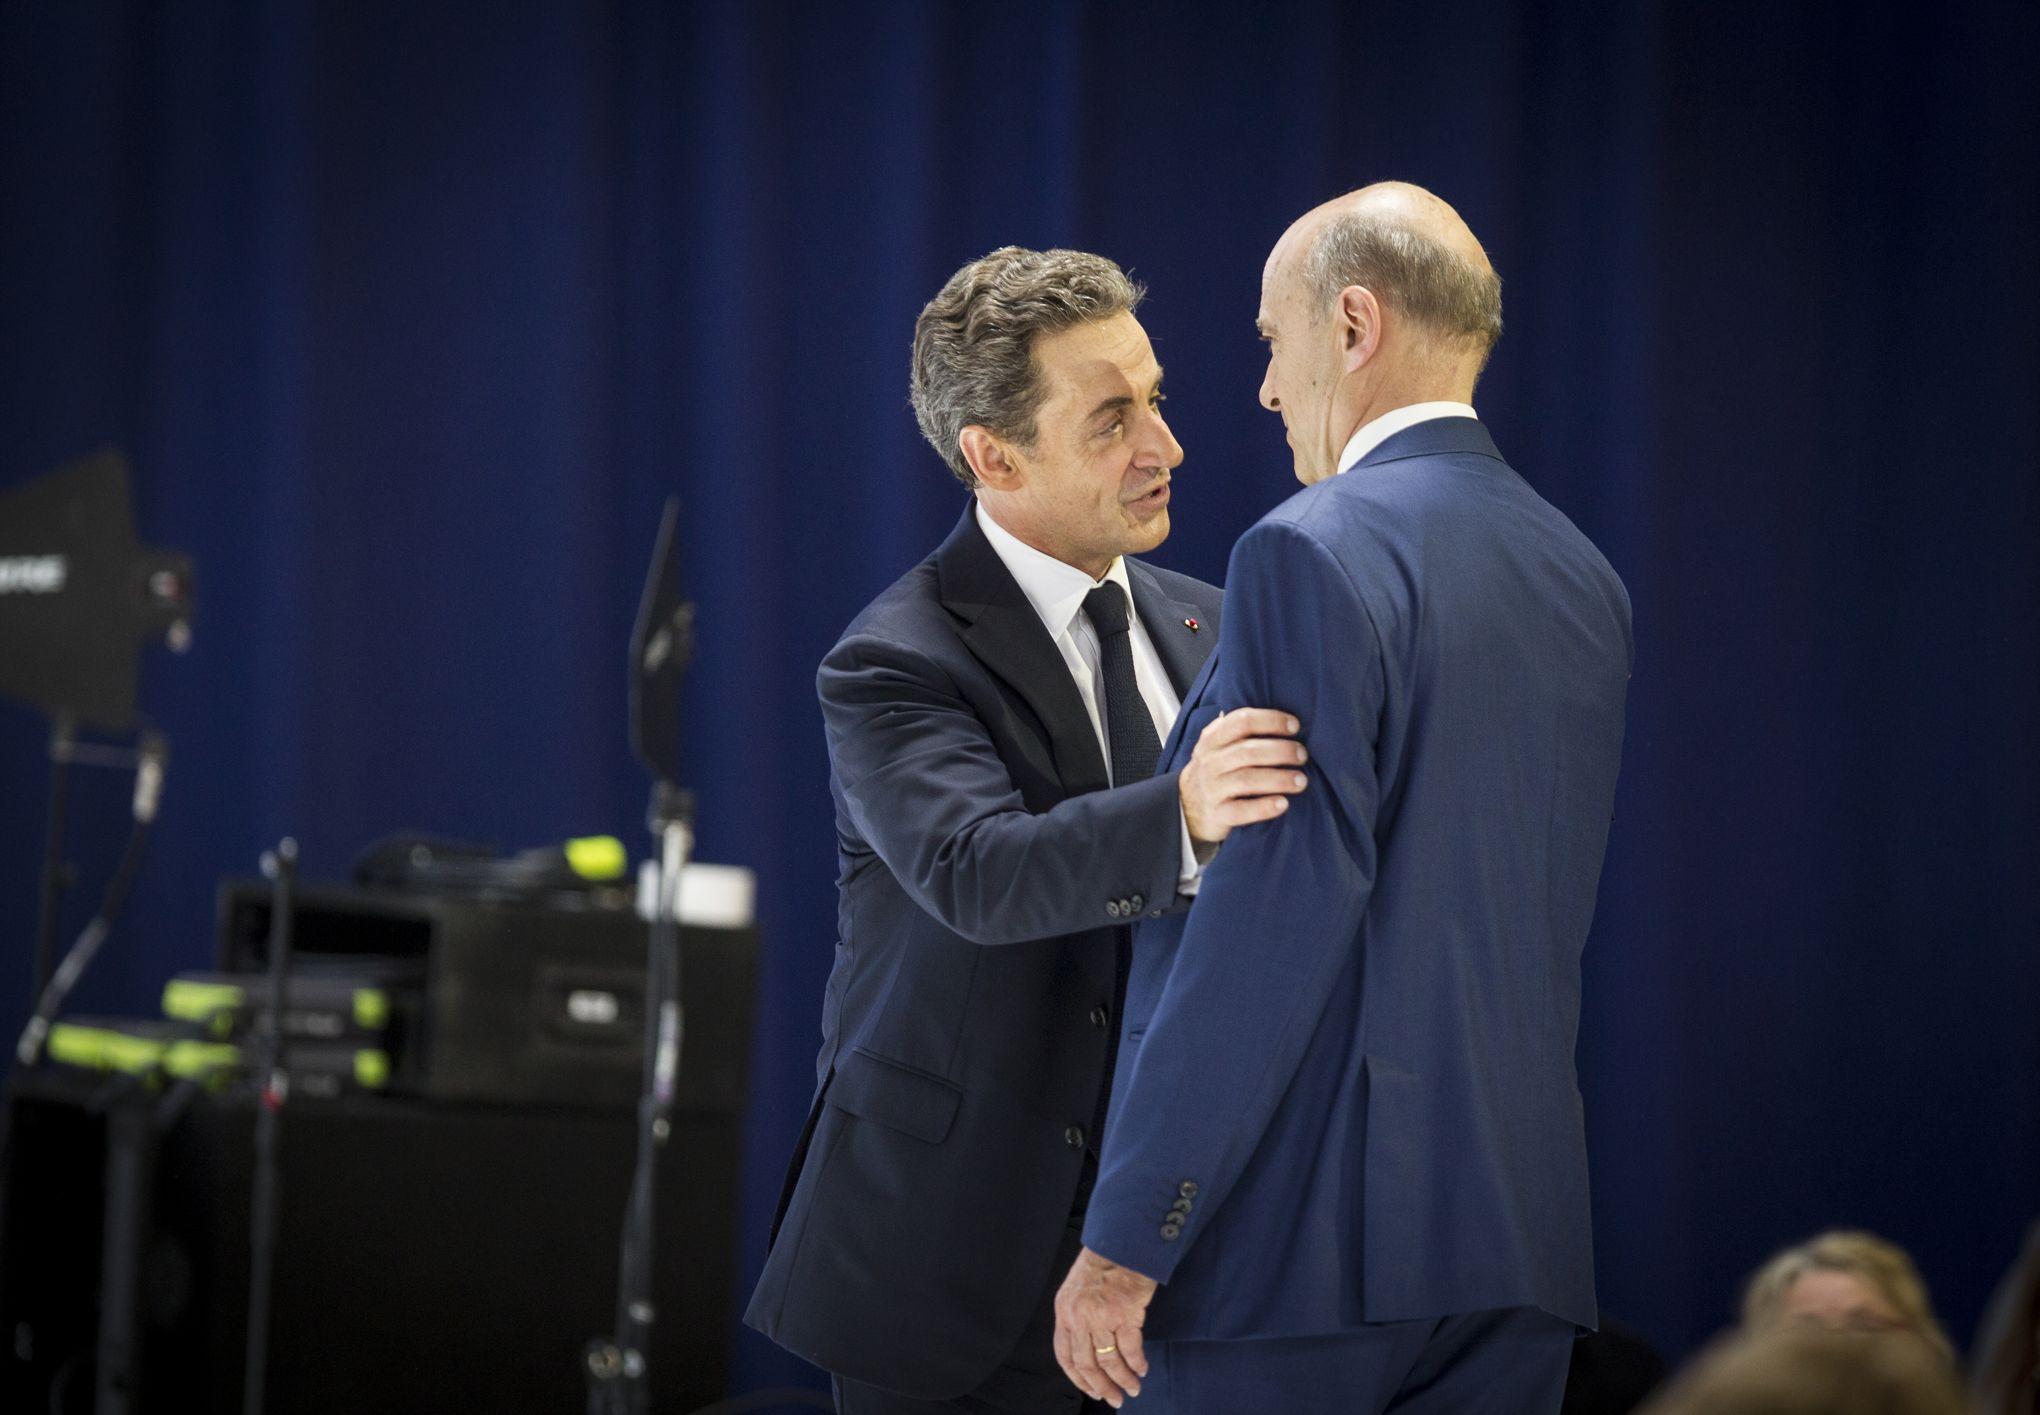 Primaire des Républicains   Sarkozy et Juppé, à chacun sa stratégie 81c22238104